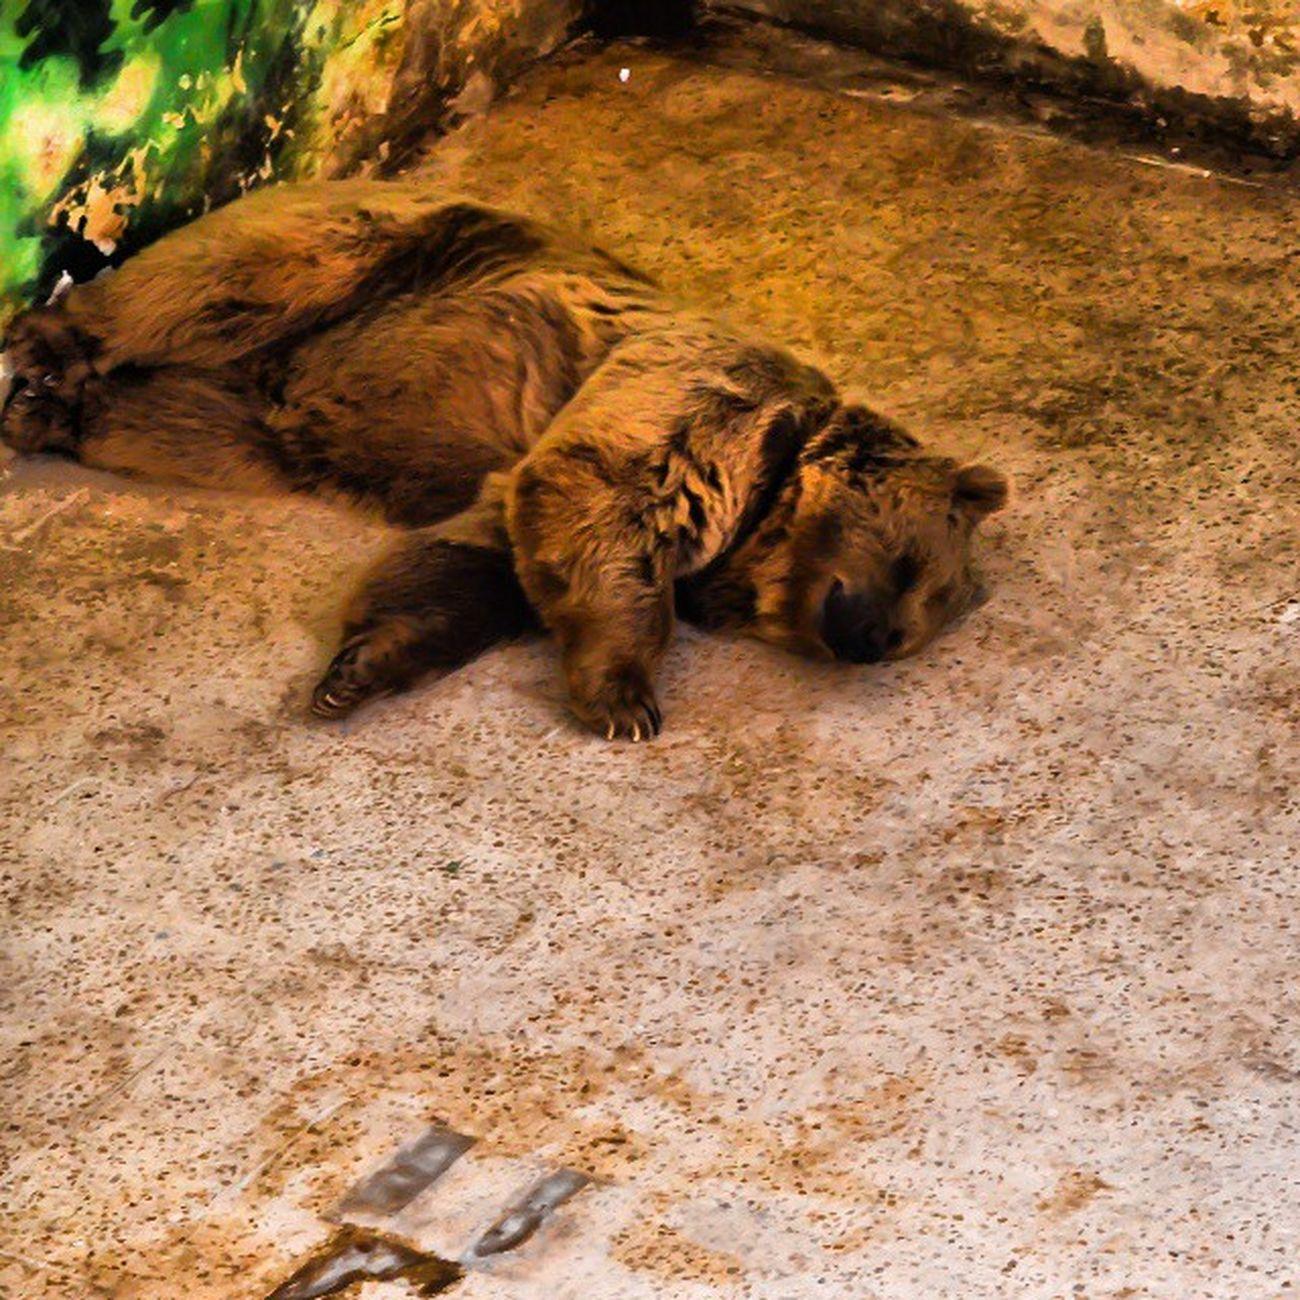 Sleeping Bear Brownbear Animalgarden animal